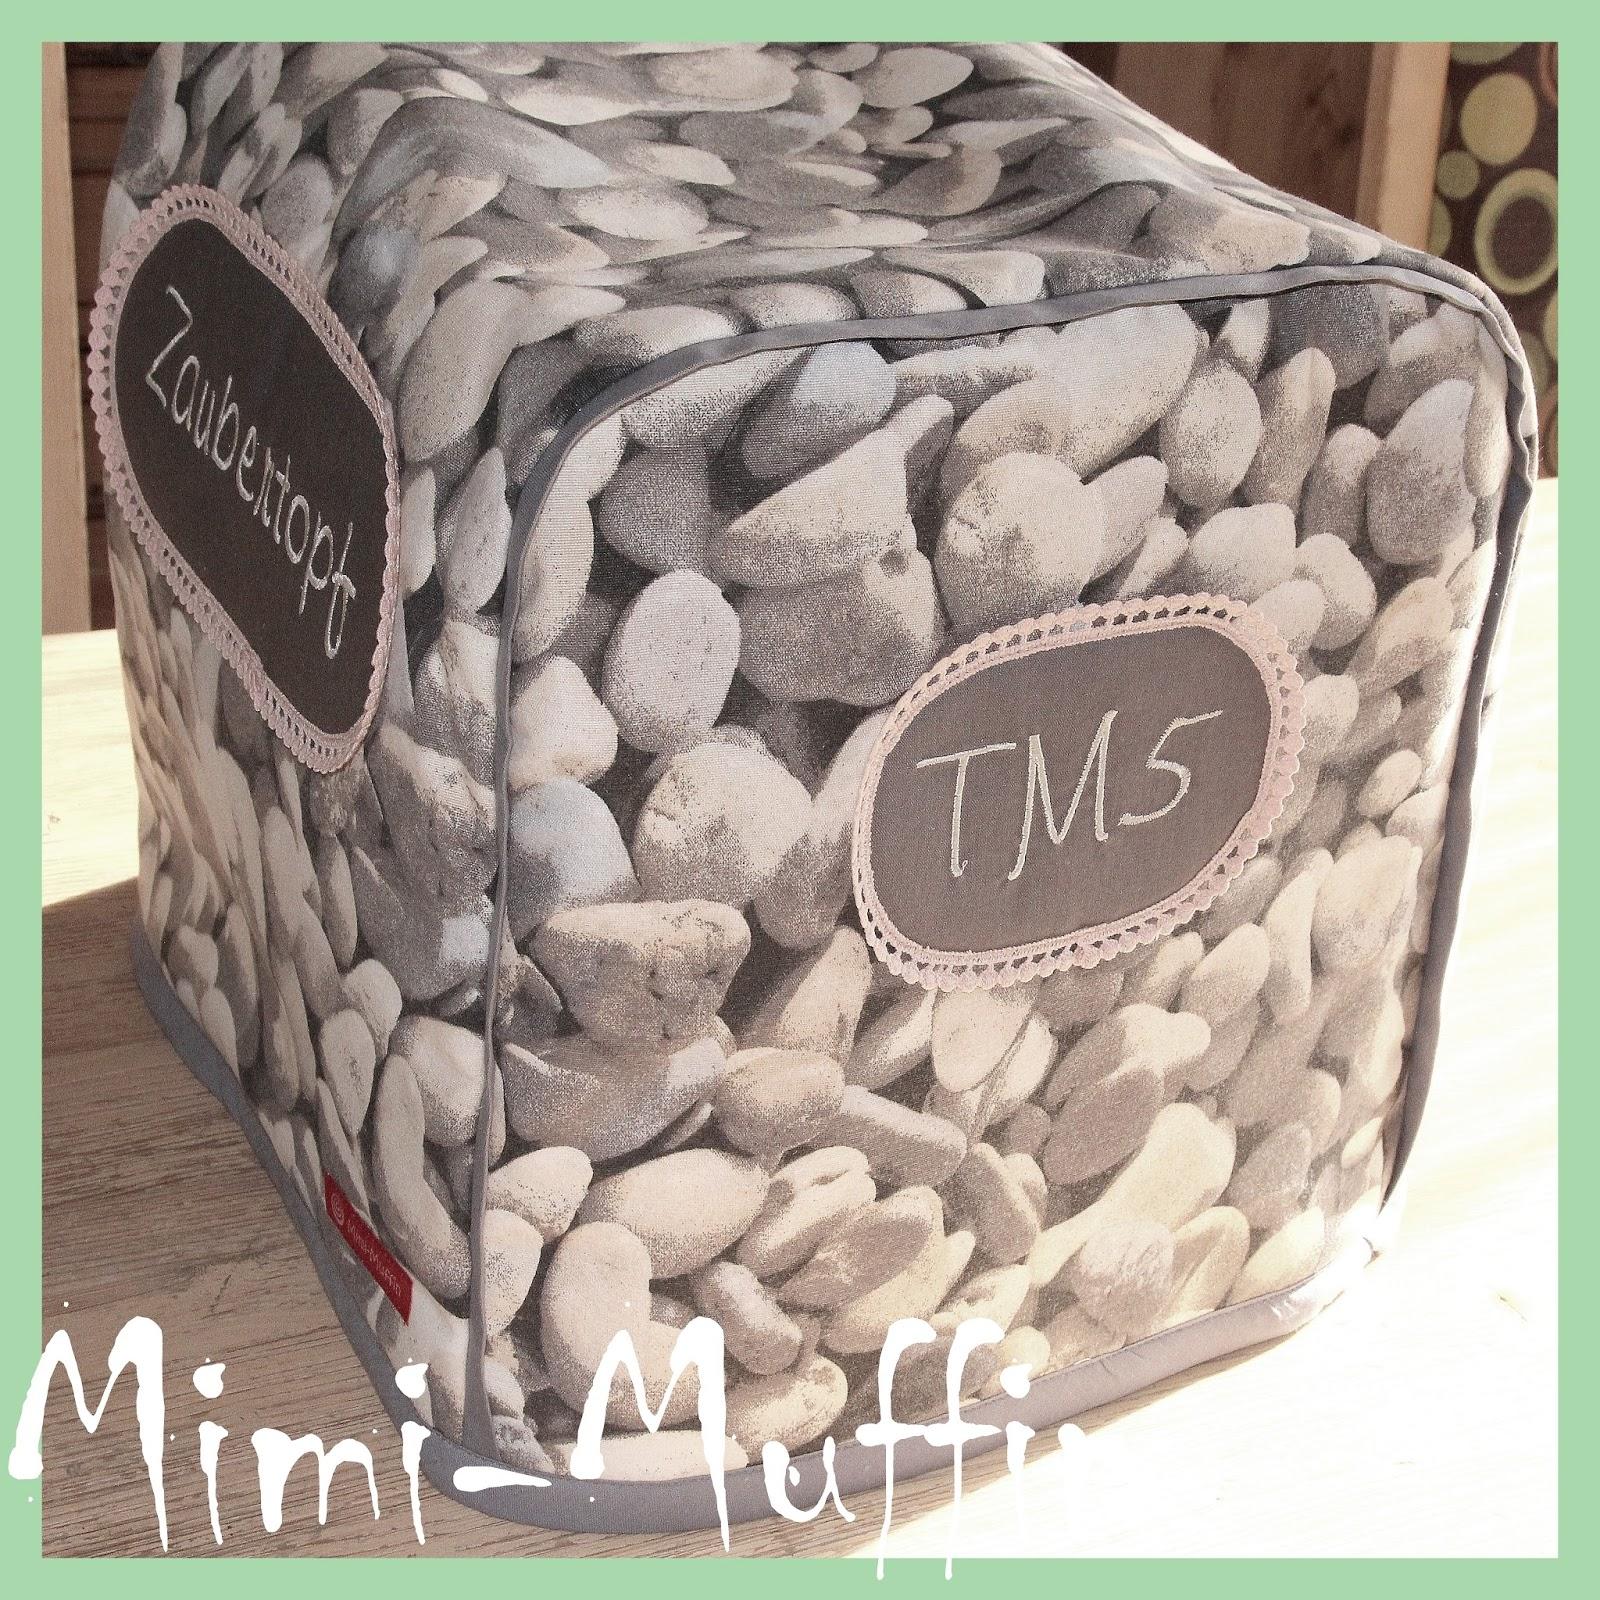 Mimi muffin selbst ein tm5 braucht im herbst ei - Piratenzimmer deko ...